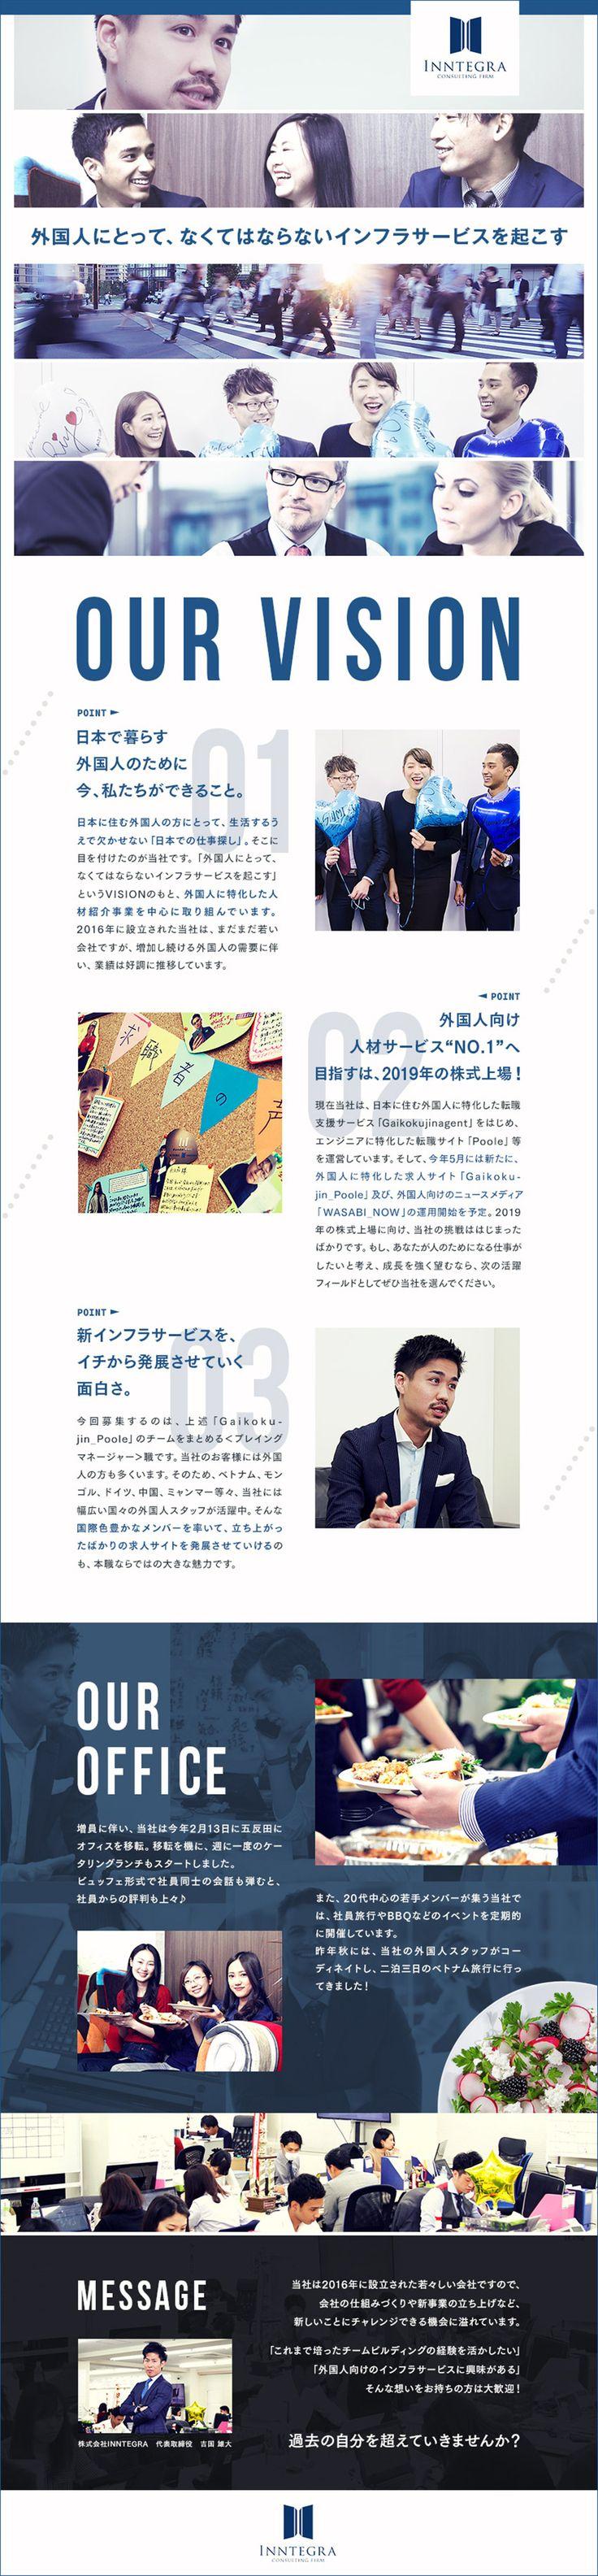 株式会社インテグラ求人|WEBデザイナーさん必見!ランディングページのデザイン参考に(かっこいい系)